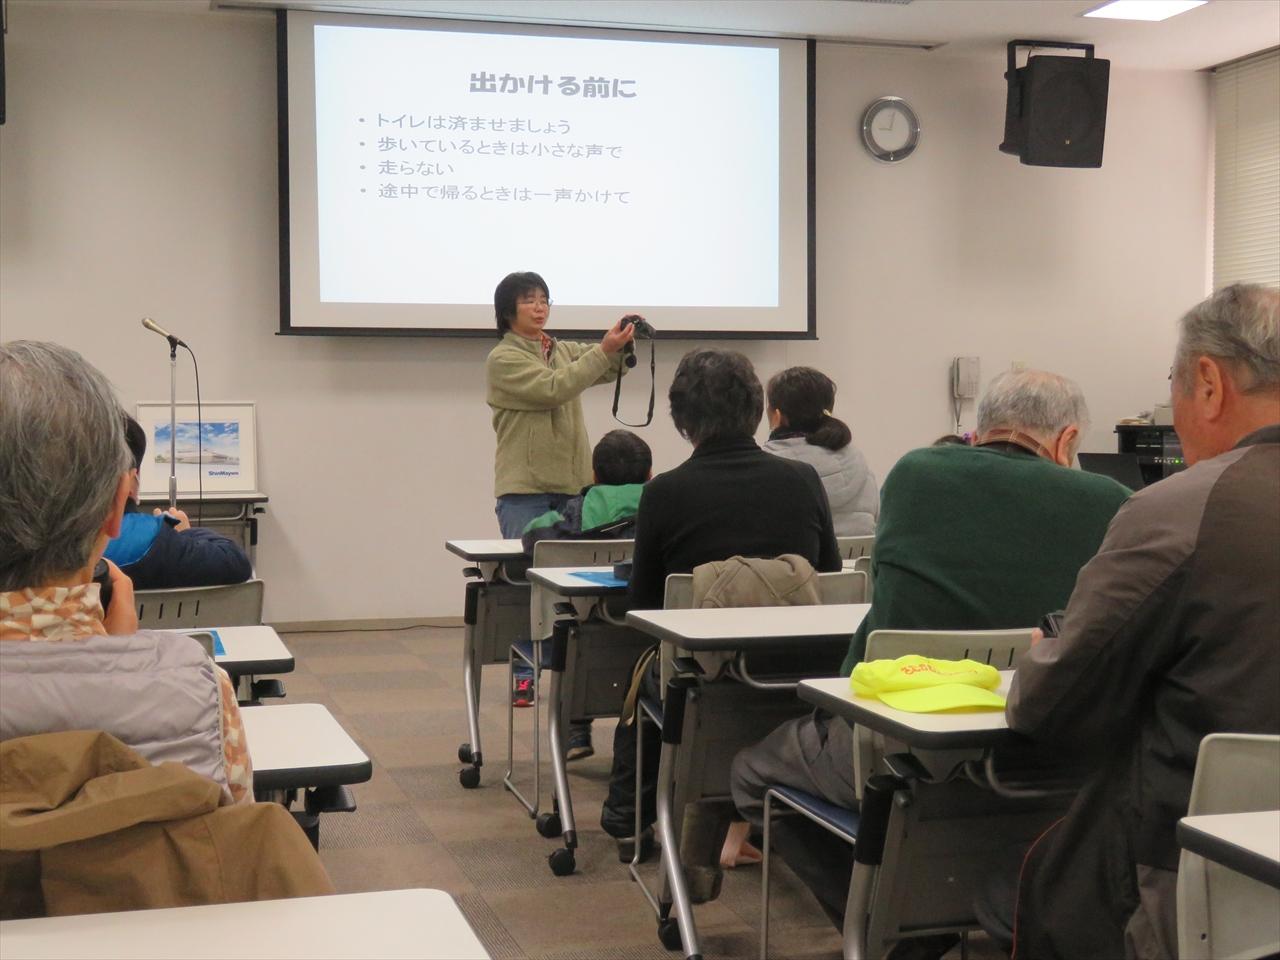 加藤さん(講師)の講義